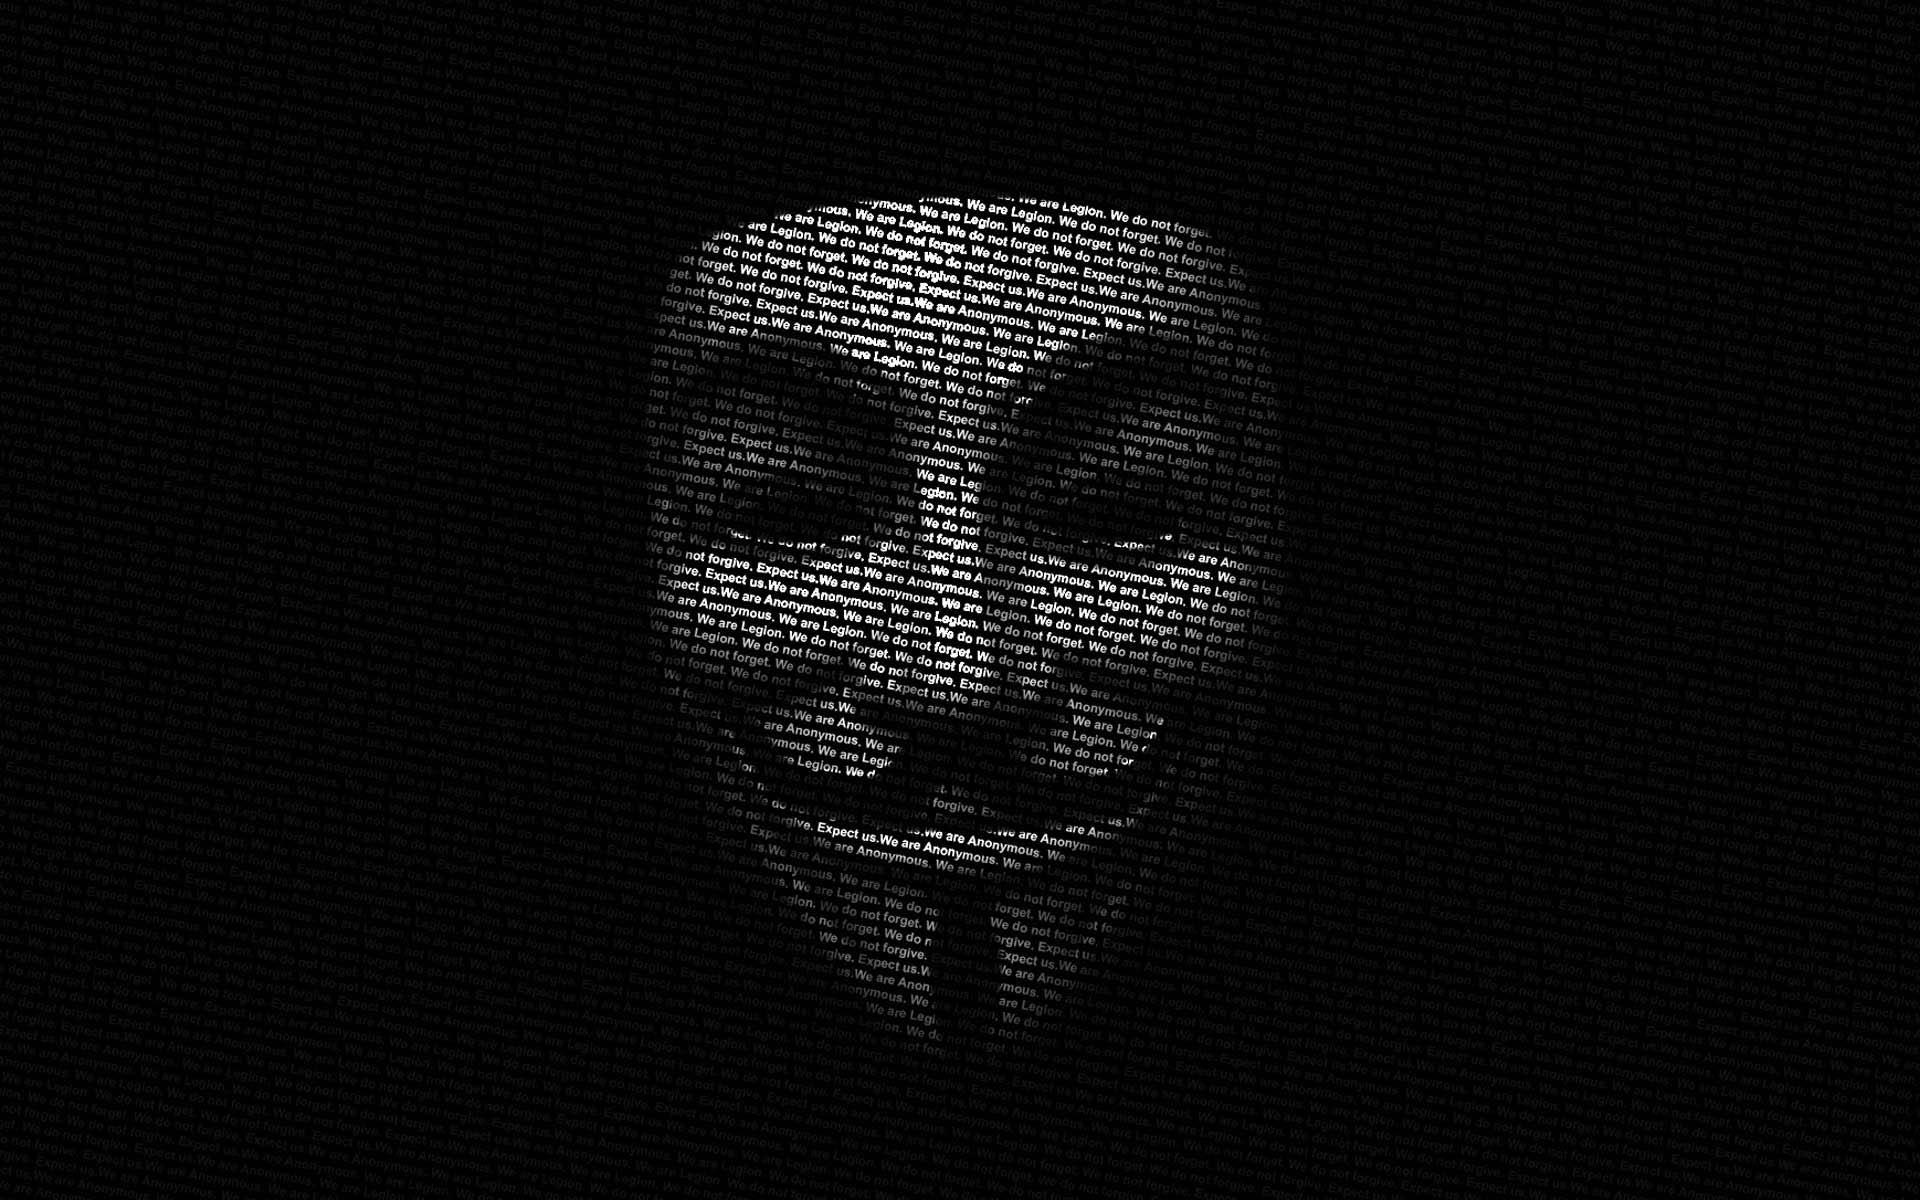 Hình nền đen hacker đẹp nhất